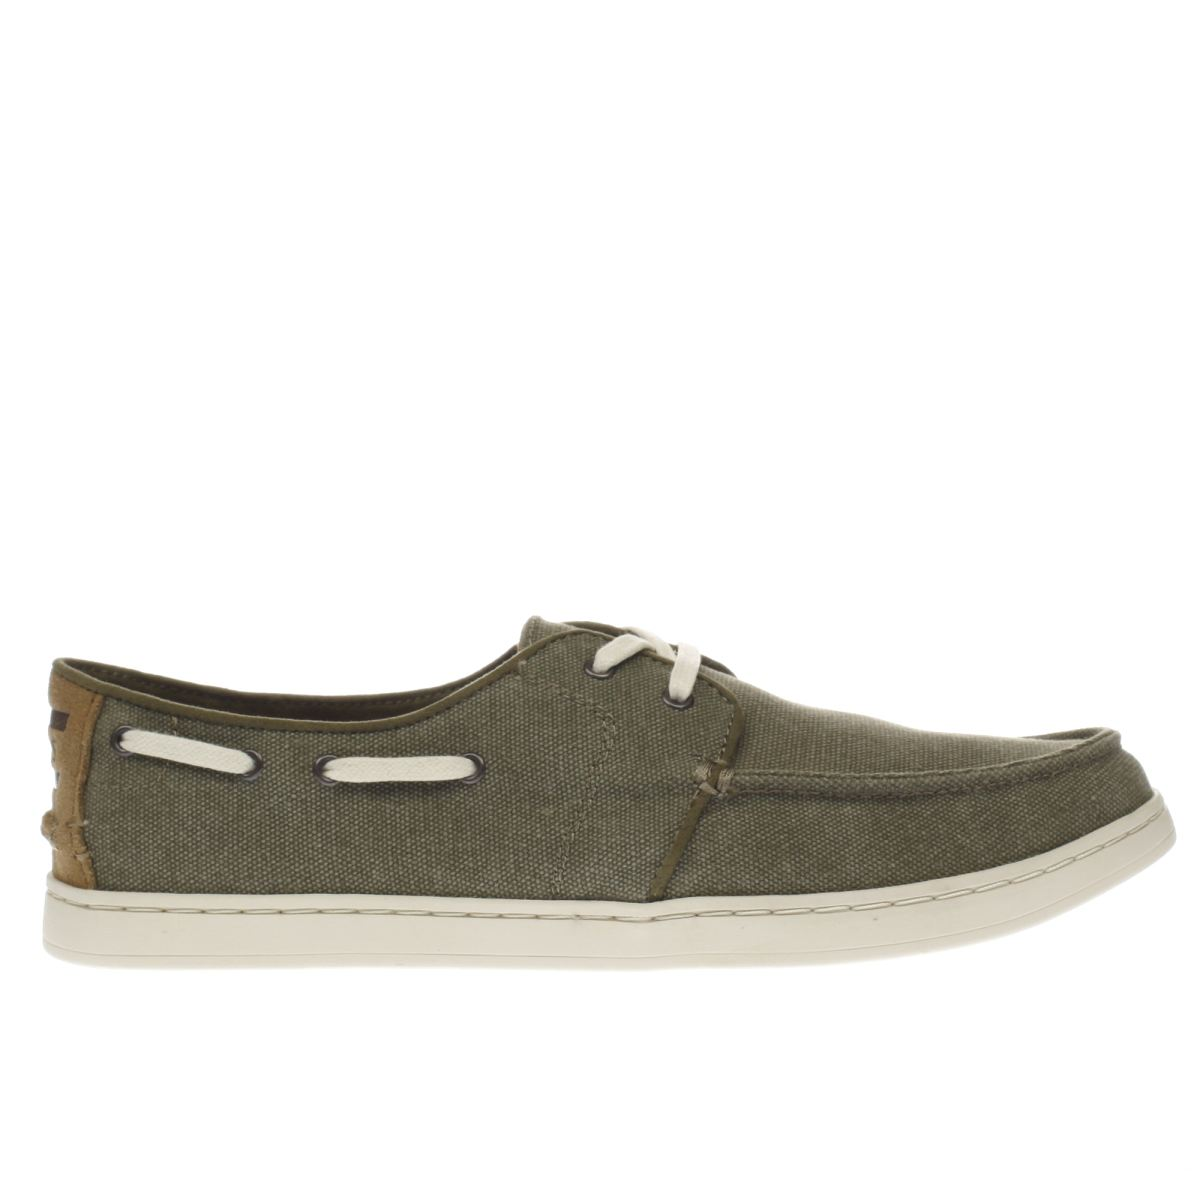 toms khaki culver lace up shoes